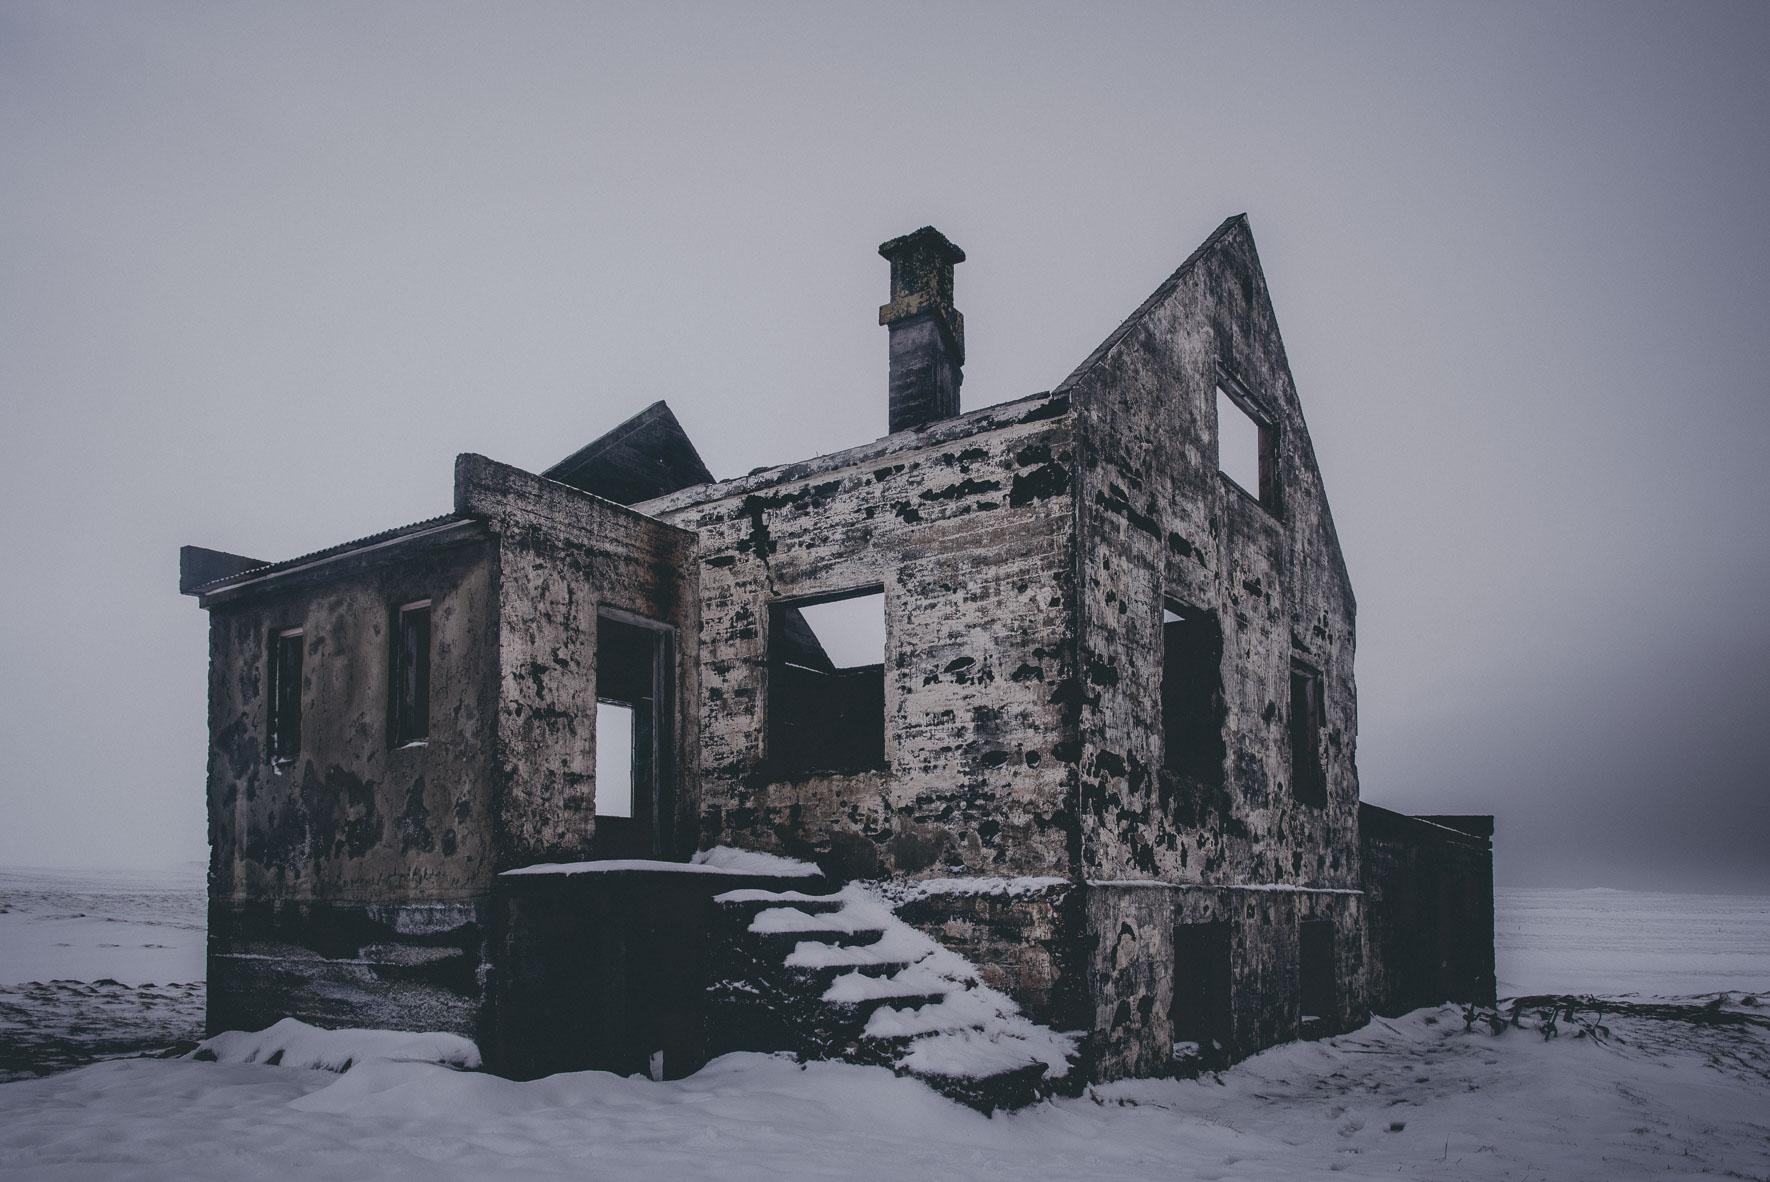 Abandoned Places - Iceland | Landscape Photography by Jan Erik Waider